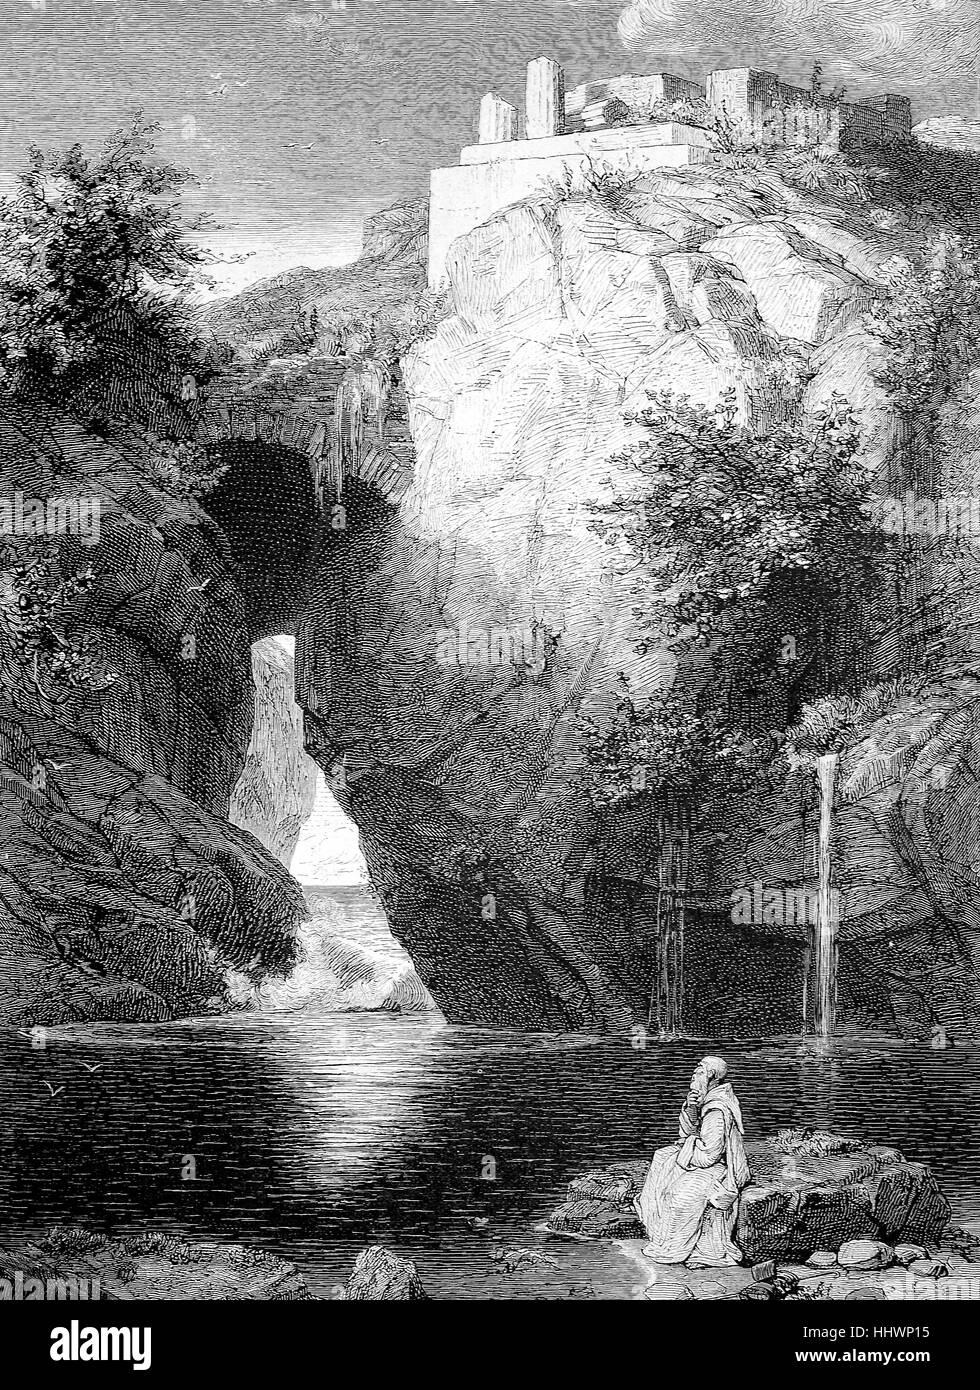 Bagno di Diana a Sorrento, vista da una pausa rocciosa dove le onde rompono, sopra un tempio decaduto e giù Immagini Stock